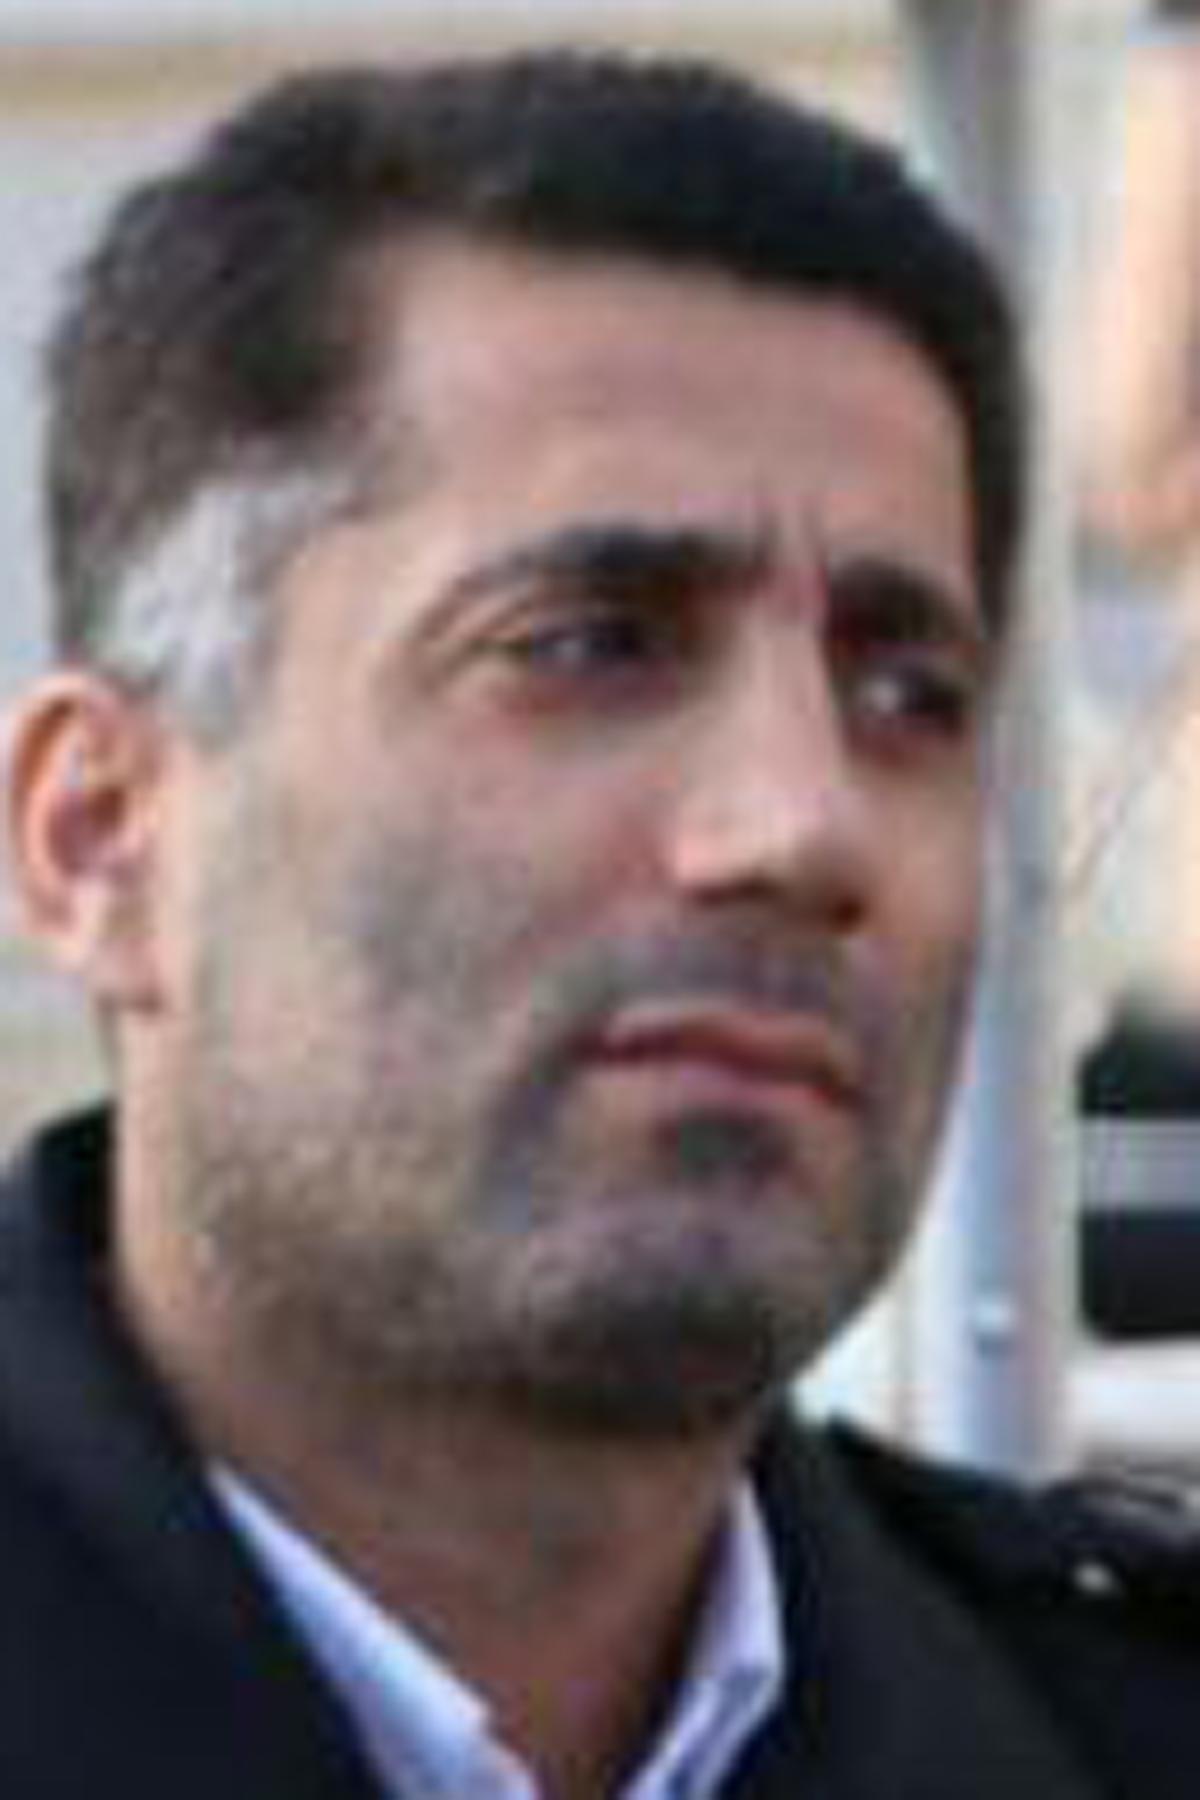 اختصاصی/ شنیده ها درباره پست جدید رئیس پلیس سابق راهور شهرستان رشت در راهور گیلان